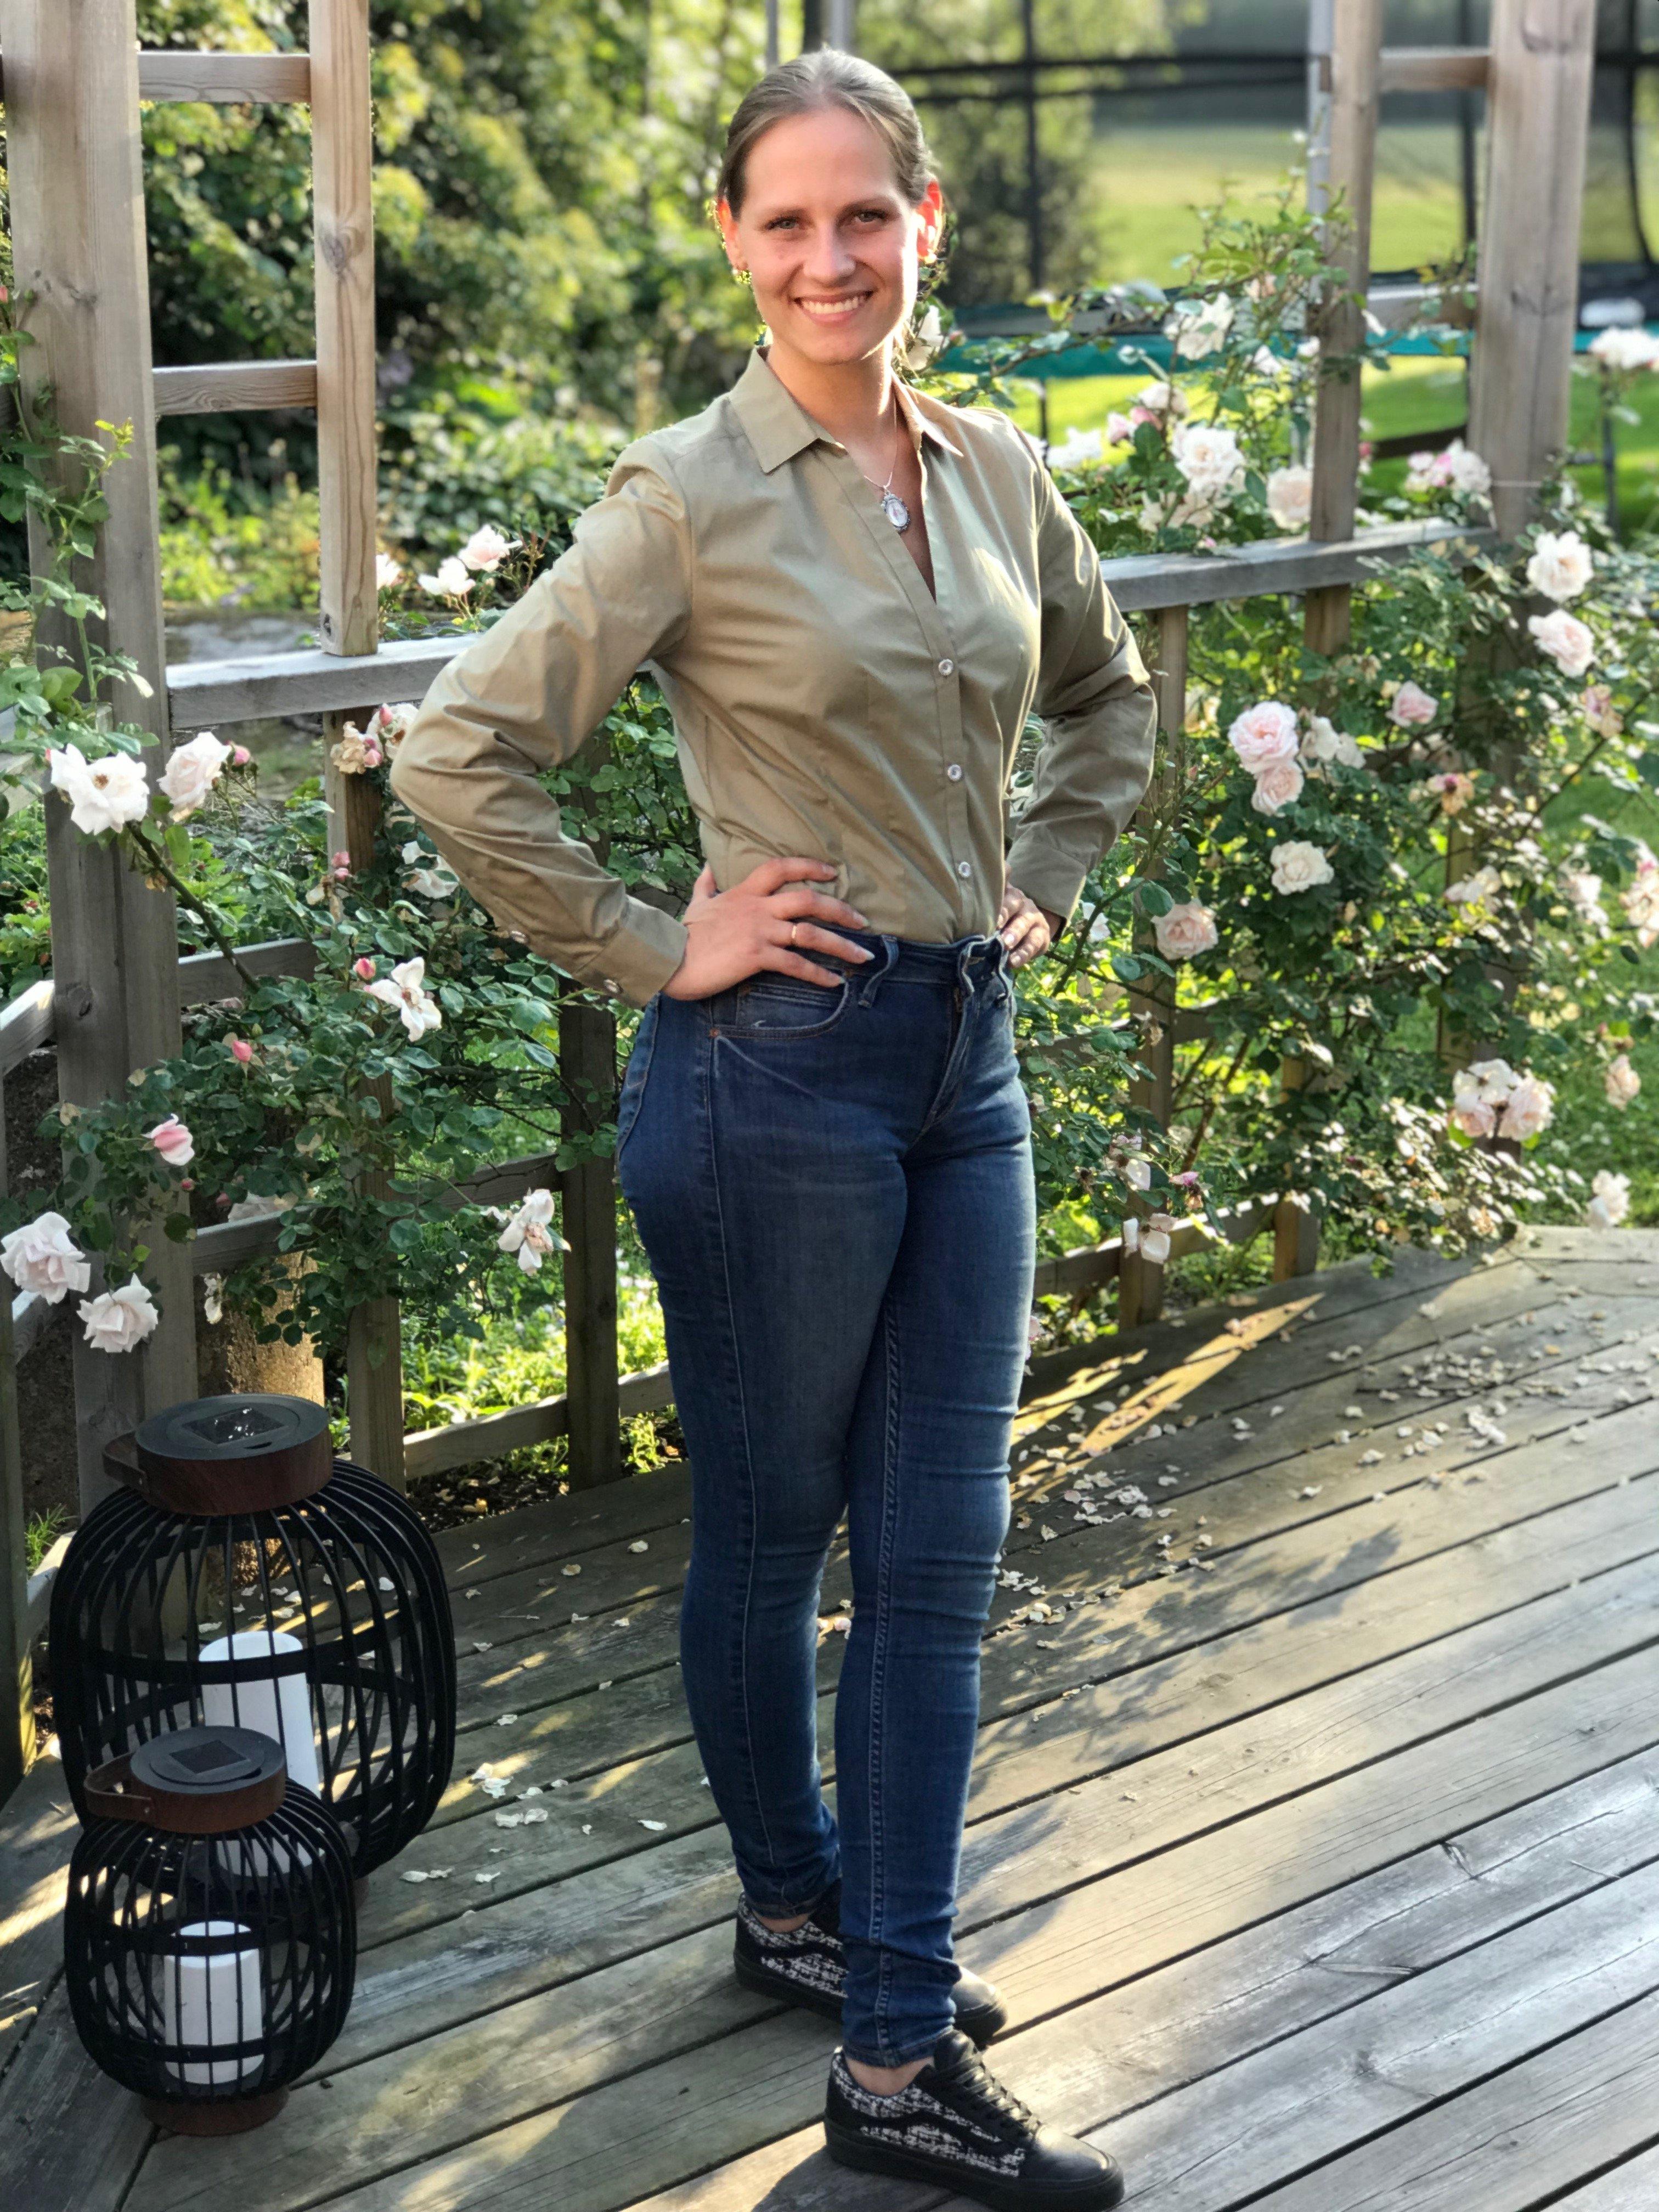 Skjortan Lina mossgrön i 100% GOTS bomull. Söta metallknappar. Bild från sidan med skjortan instoppad i byxor. Storlek 36.